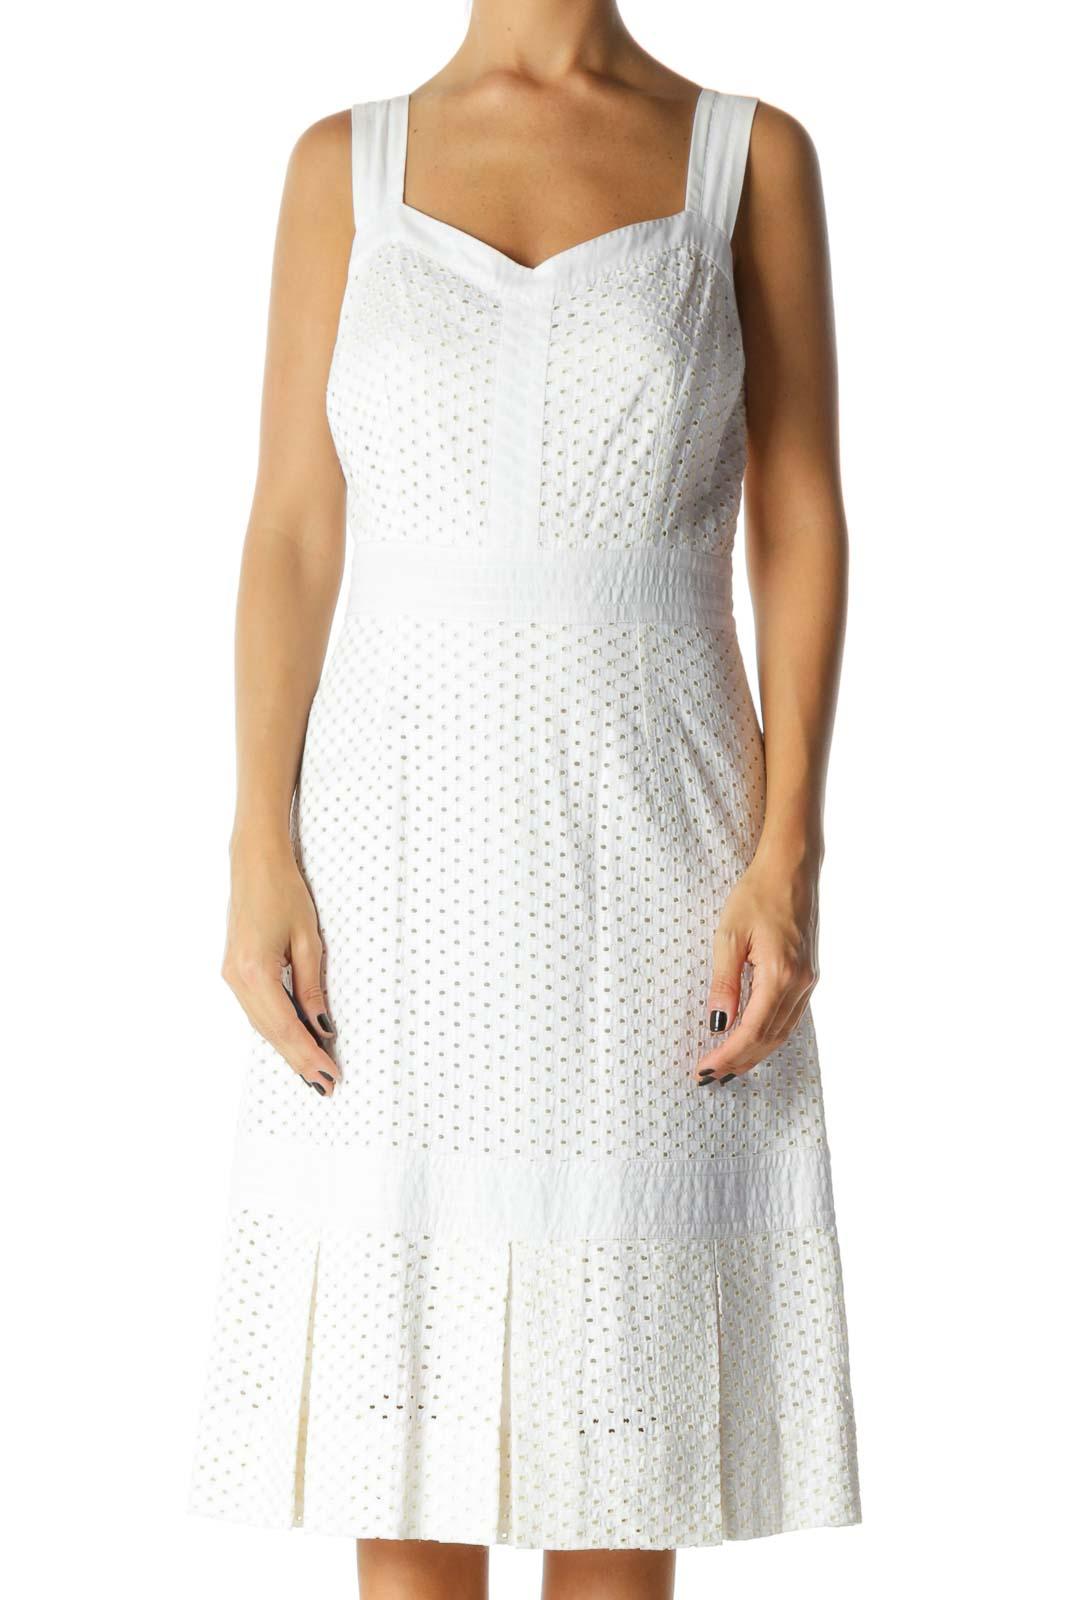 White Eyelet Designer Sundress Front